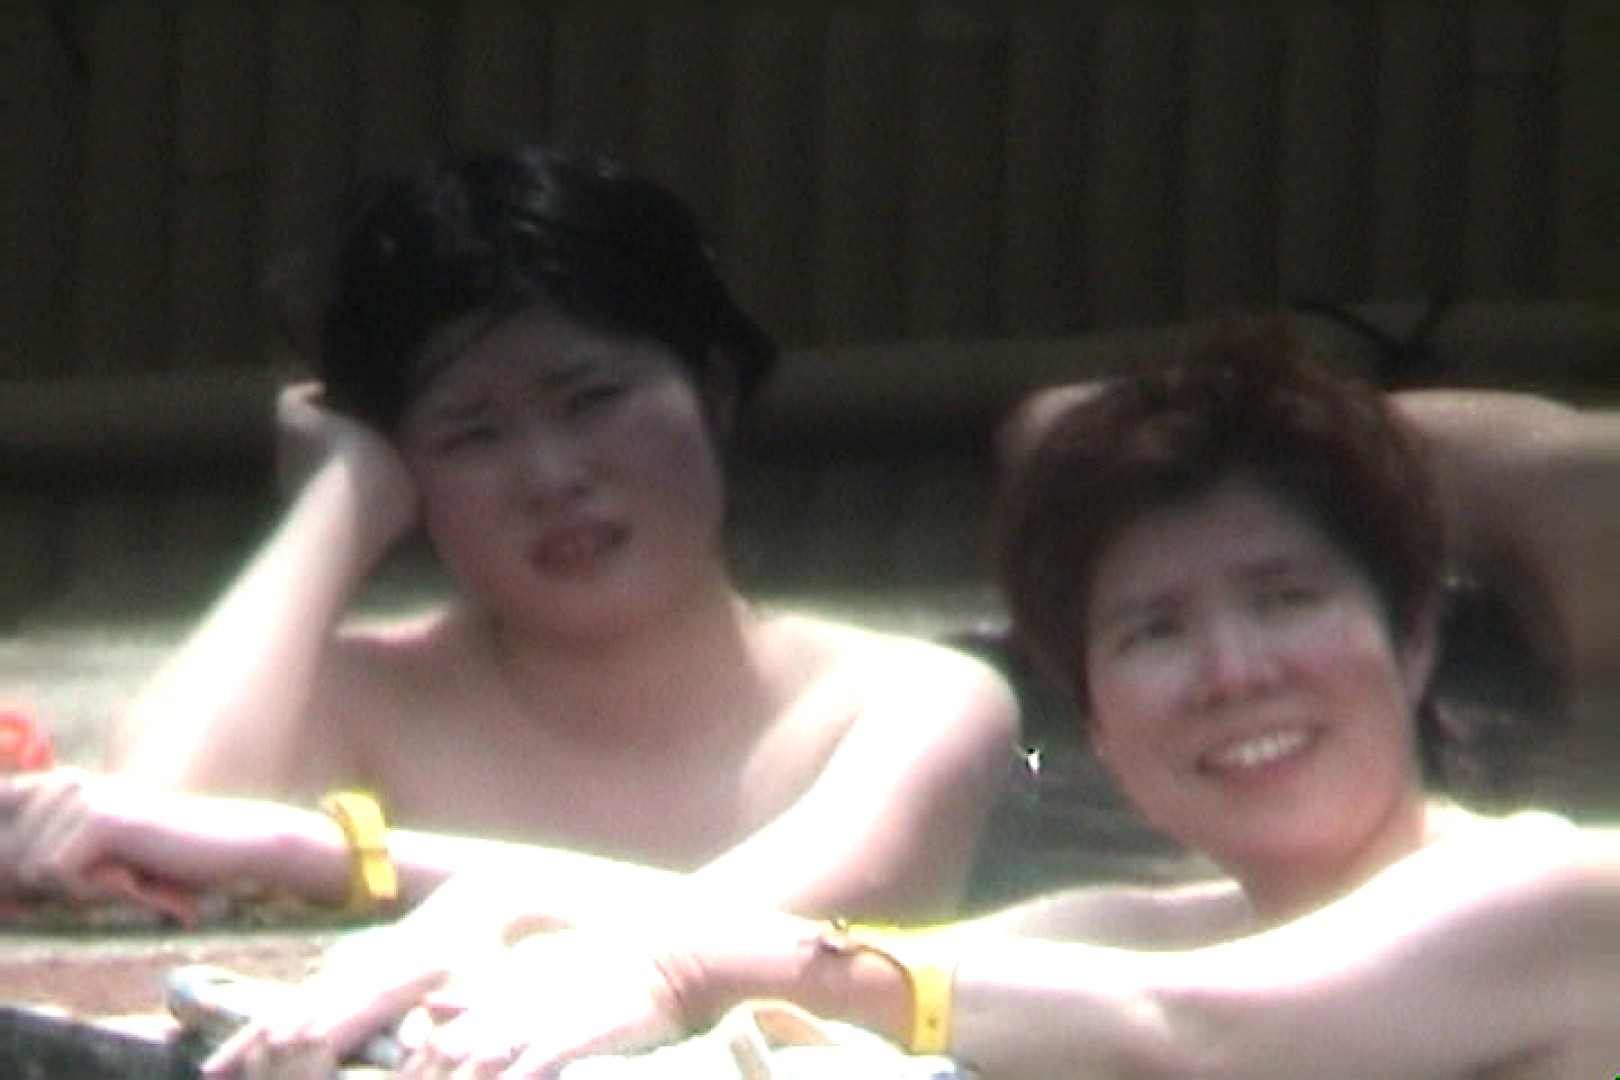 Aquaな露天風呂Vol.54【VIP限定】 盗撮シリーズ  96PIX 72